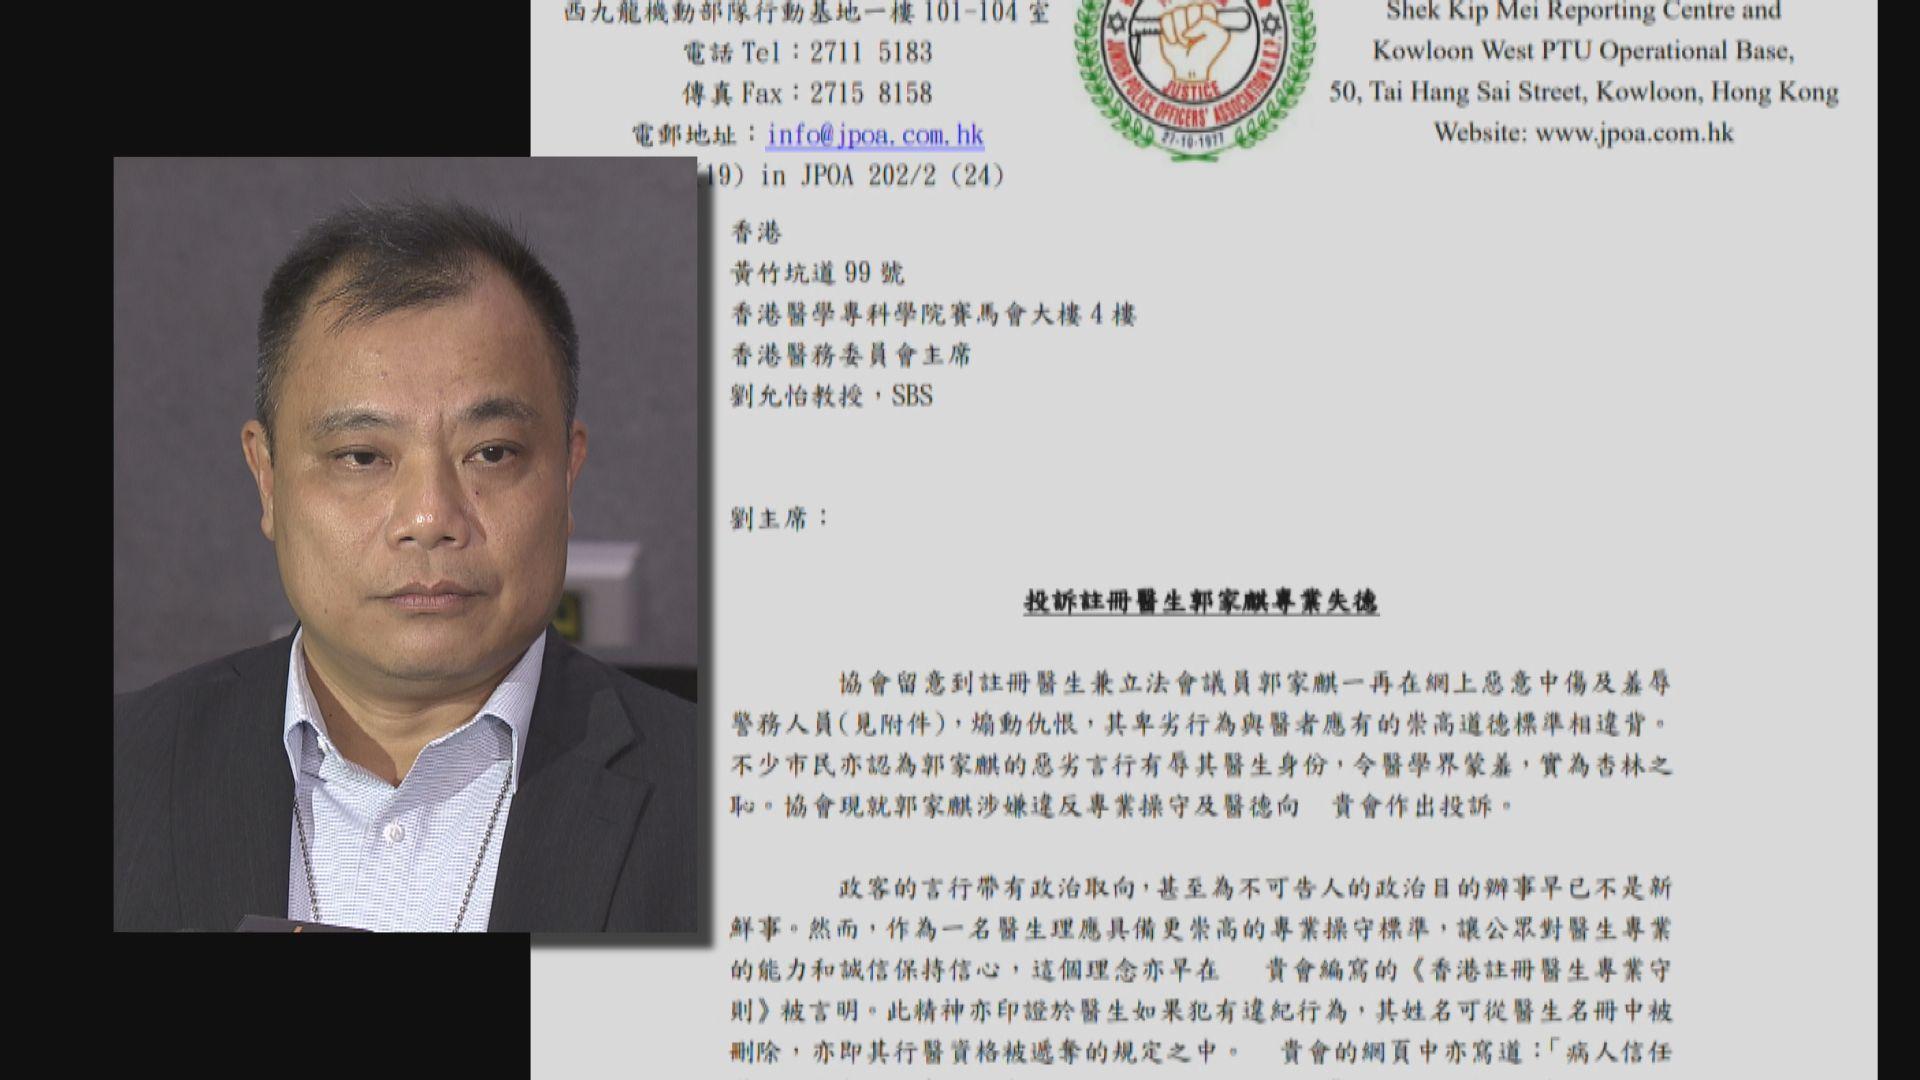 警察隊員佐級協會向醫委員投訴郭家麒涉專業失德